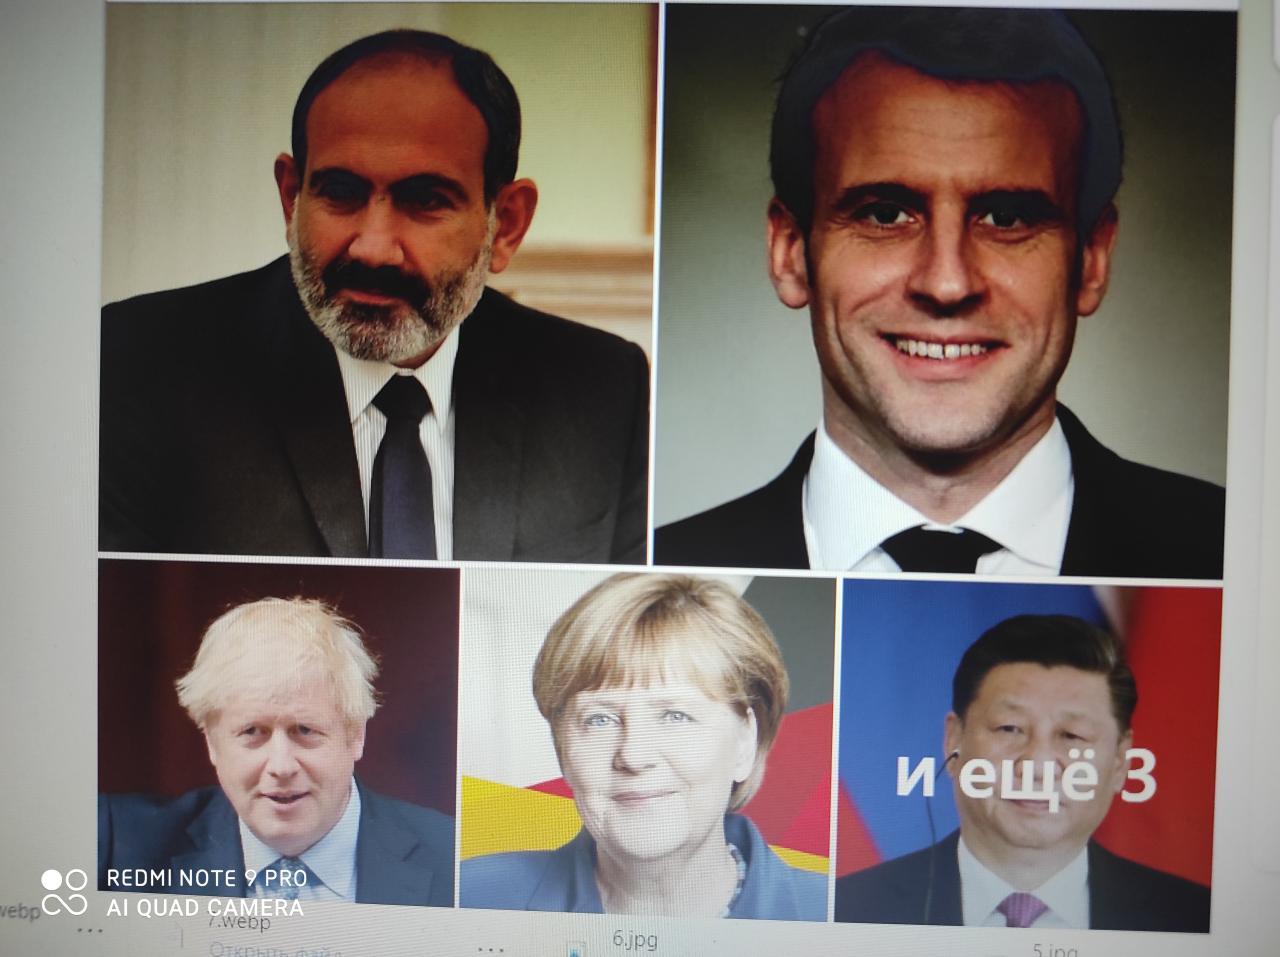 Скетч-ролик с пародией , с юмором актеры, роли: Макрон, Лукашенко, Пашинян, Джонсон, Меркель